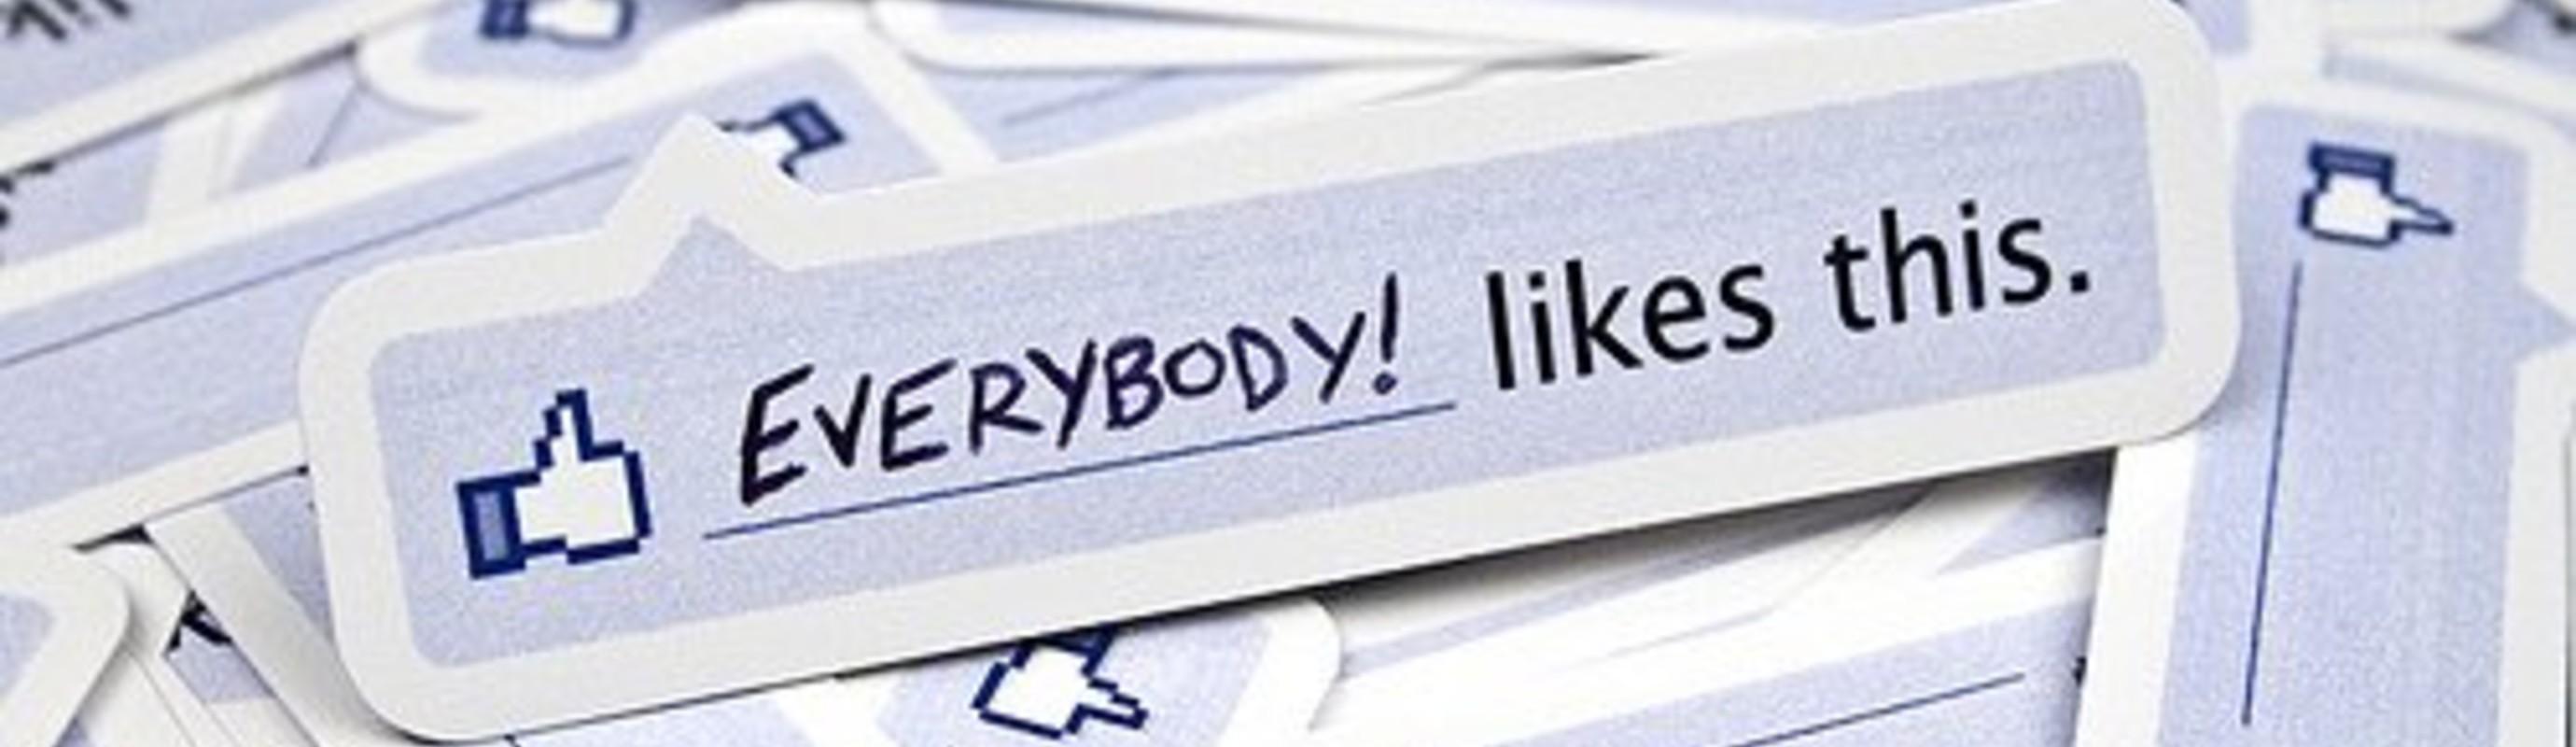 32.000+ likes op Facebook!